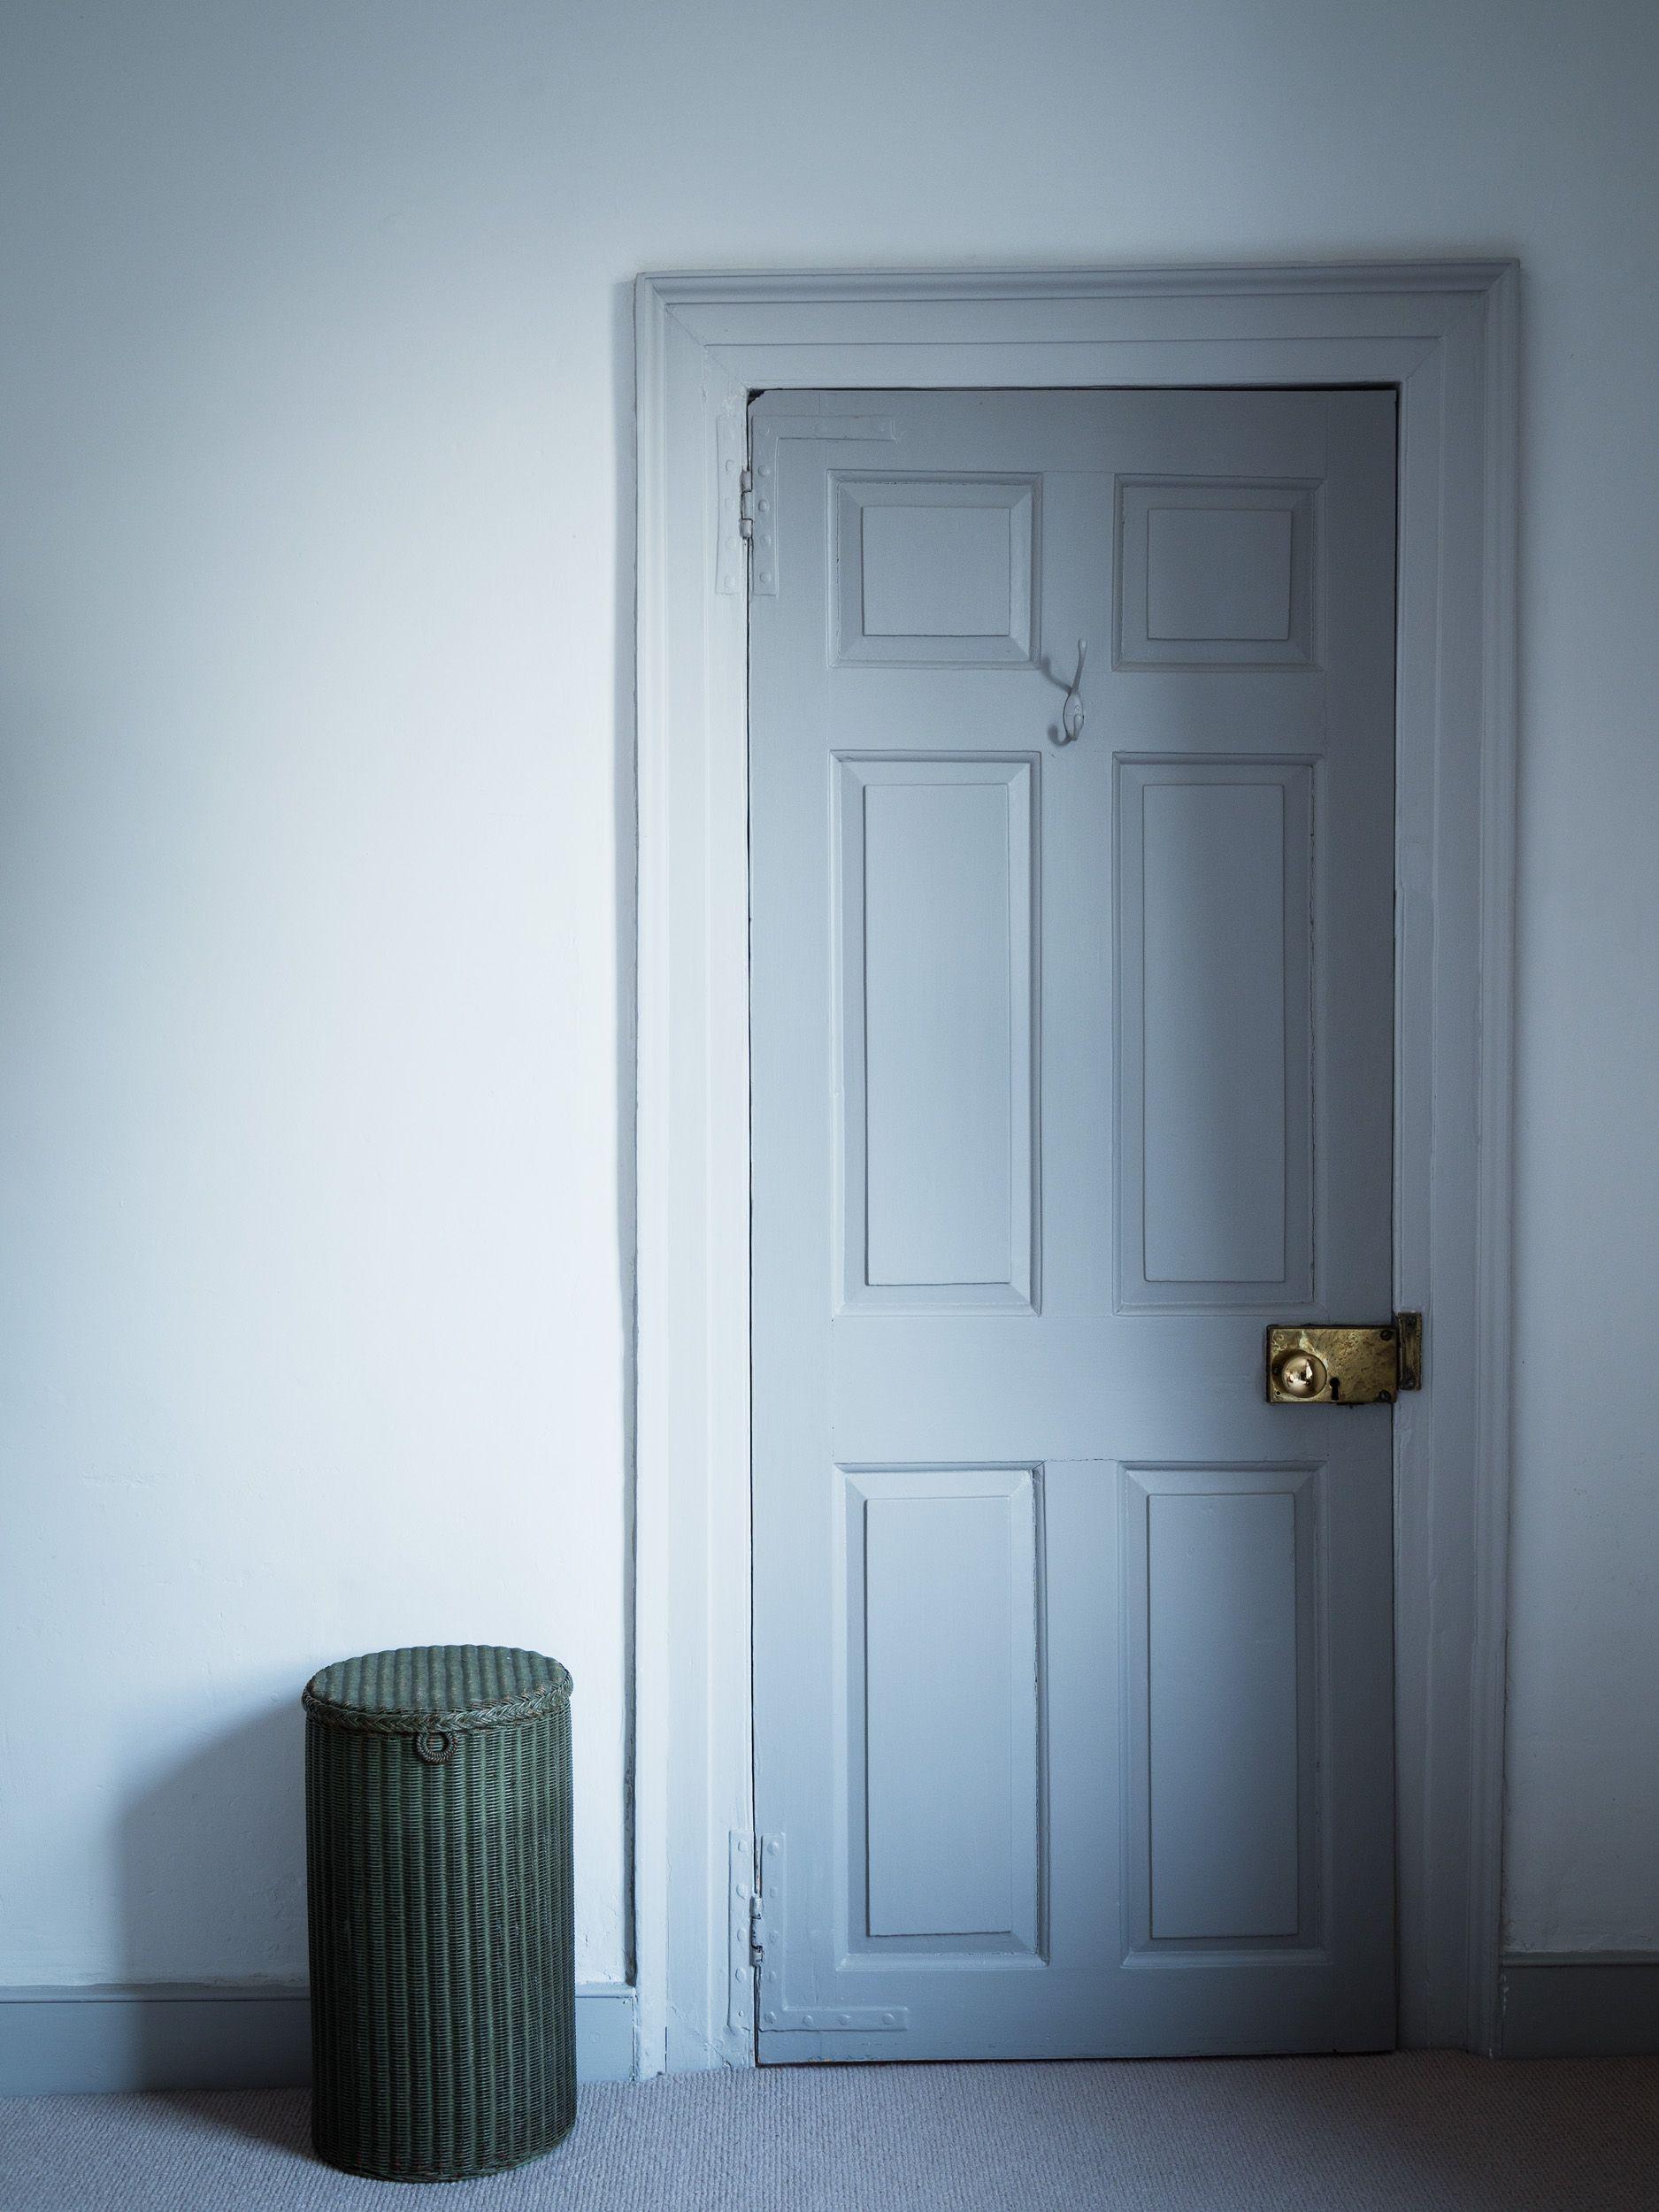 Master bedroom door design  Bedroom door with a Milagros laundry basket  Dorset Cottage Project